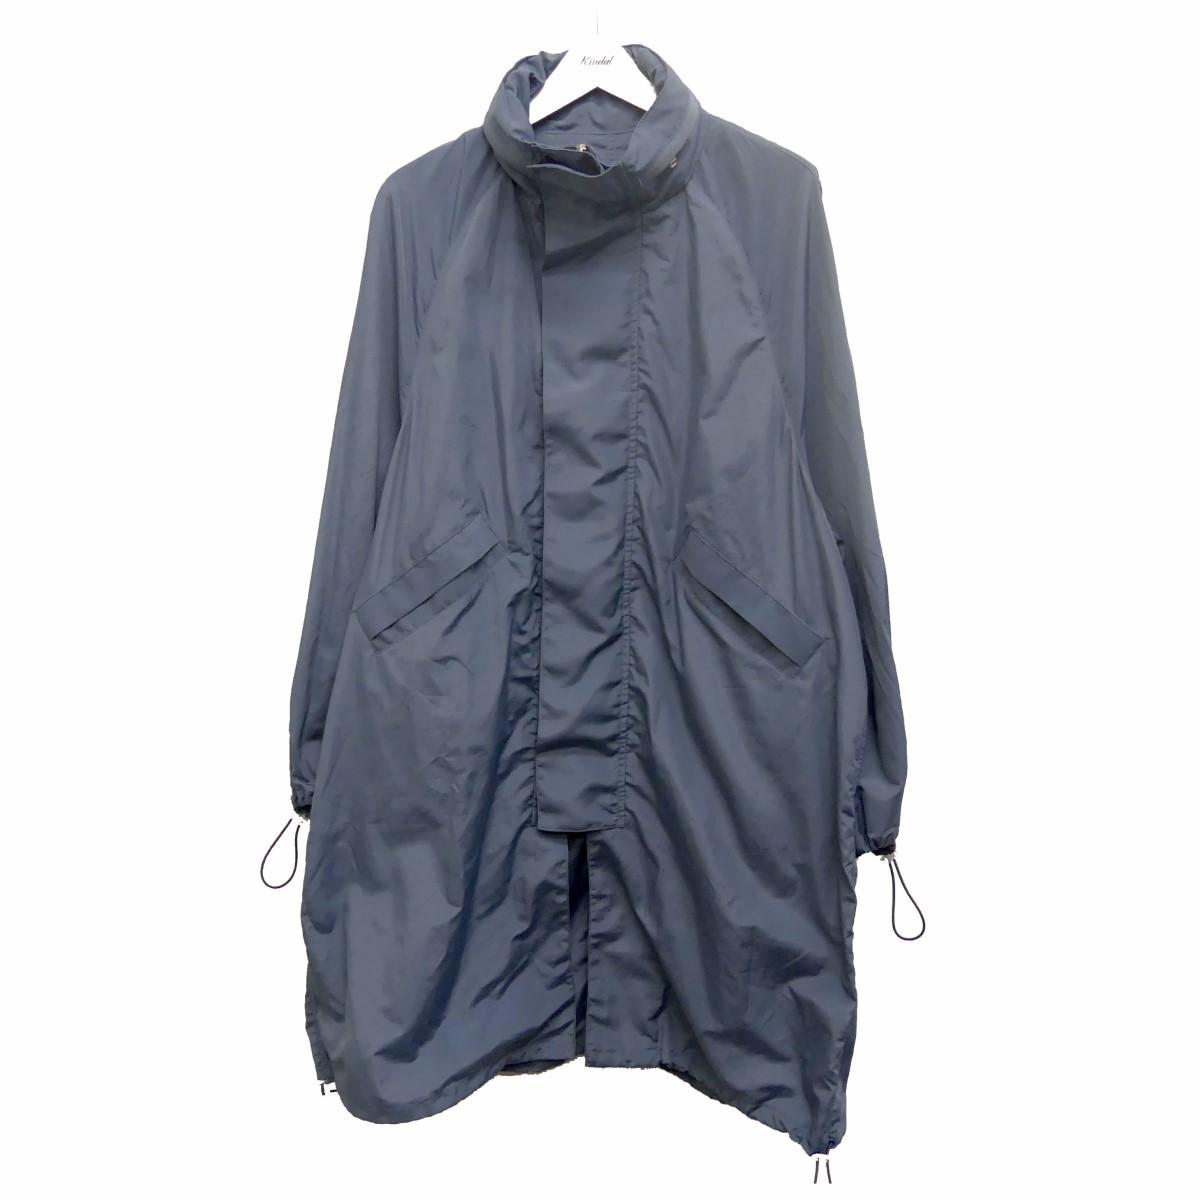 【中古】name. 20SS ナイロンタッサービッグシルエットフーデッドコート ブルー サイズ:1 【240620】(ネーム)